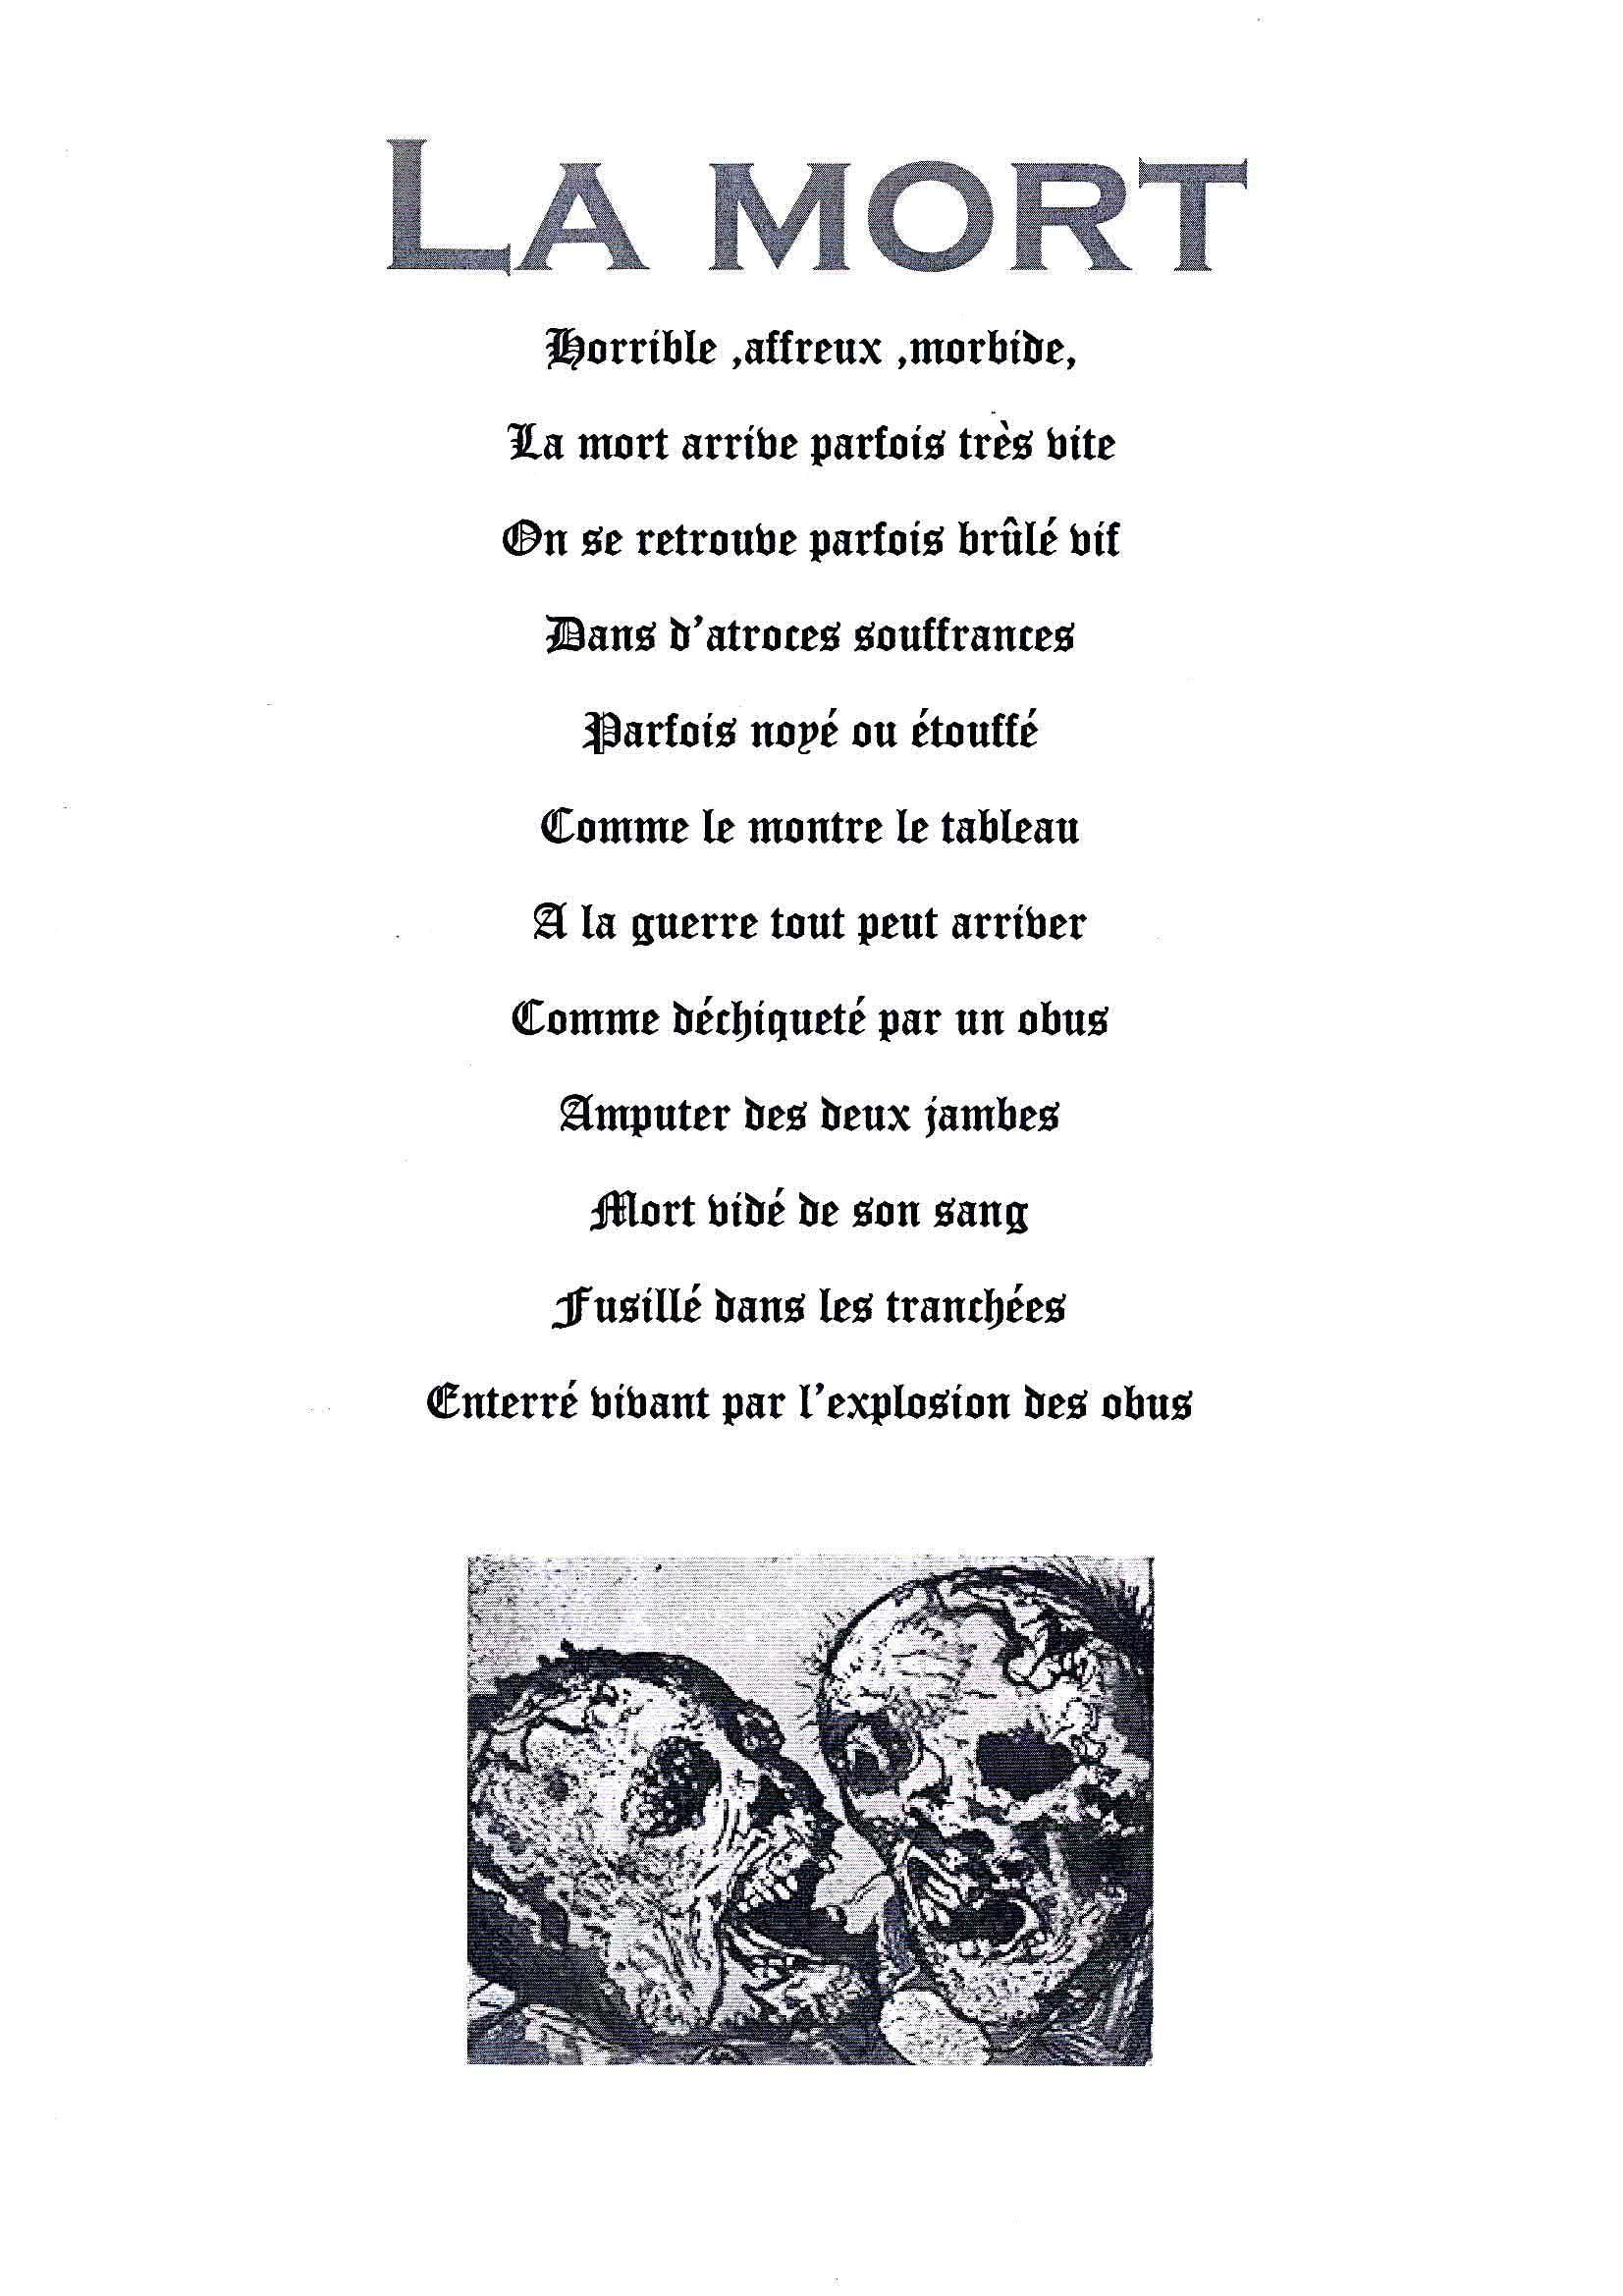 poeme evoquant la mort